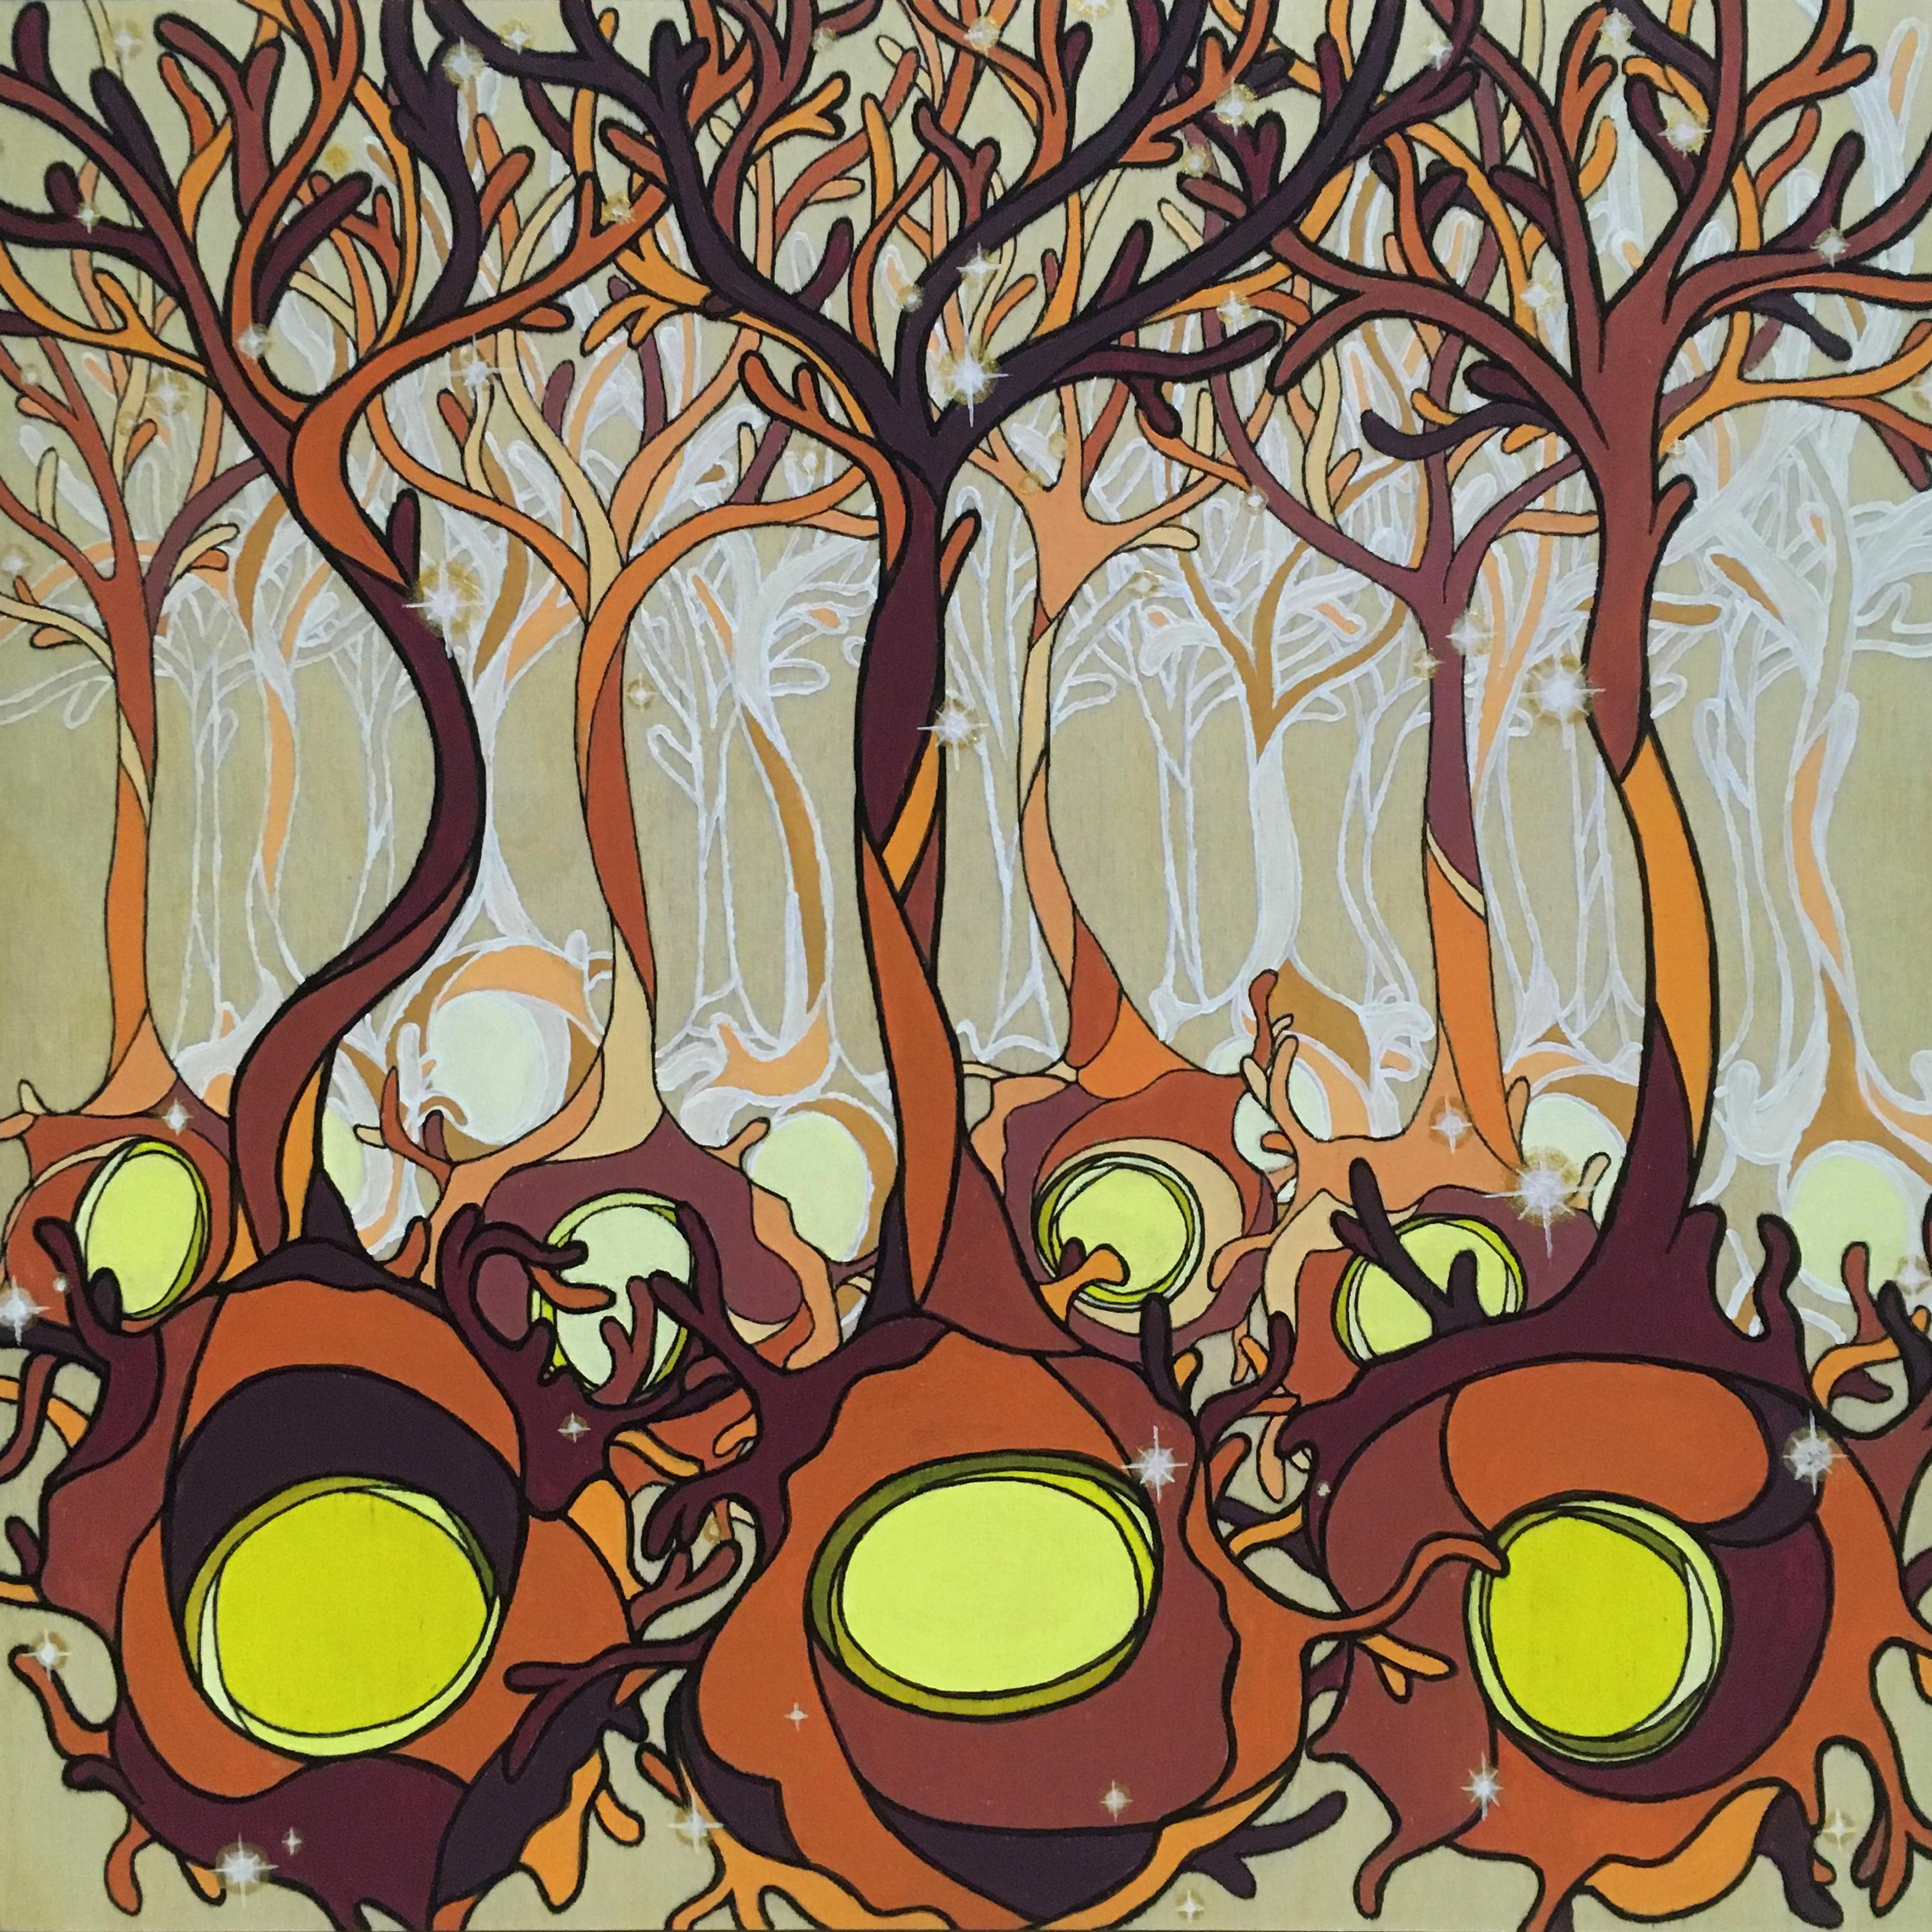 Neuronal Forest